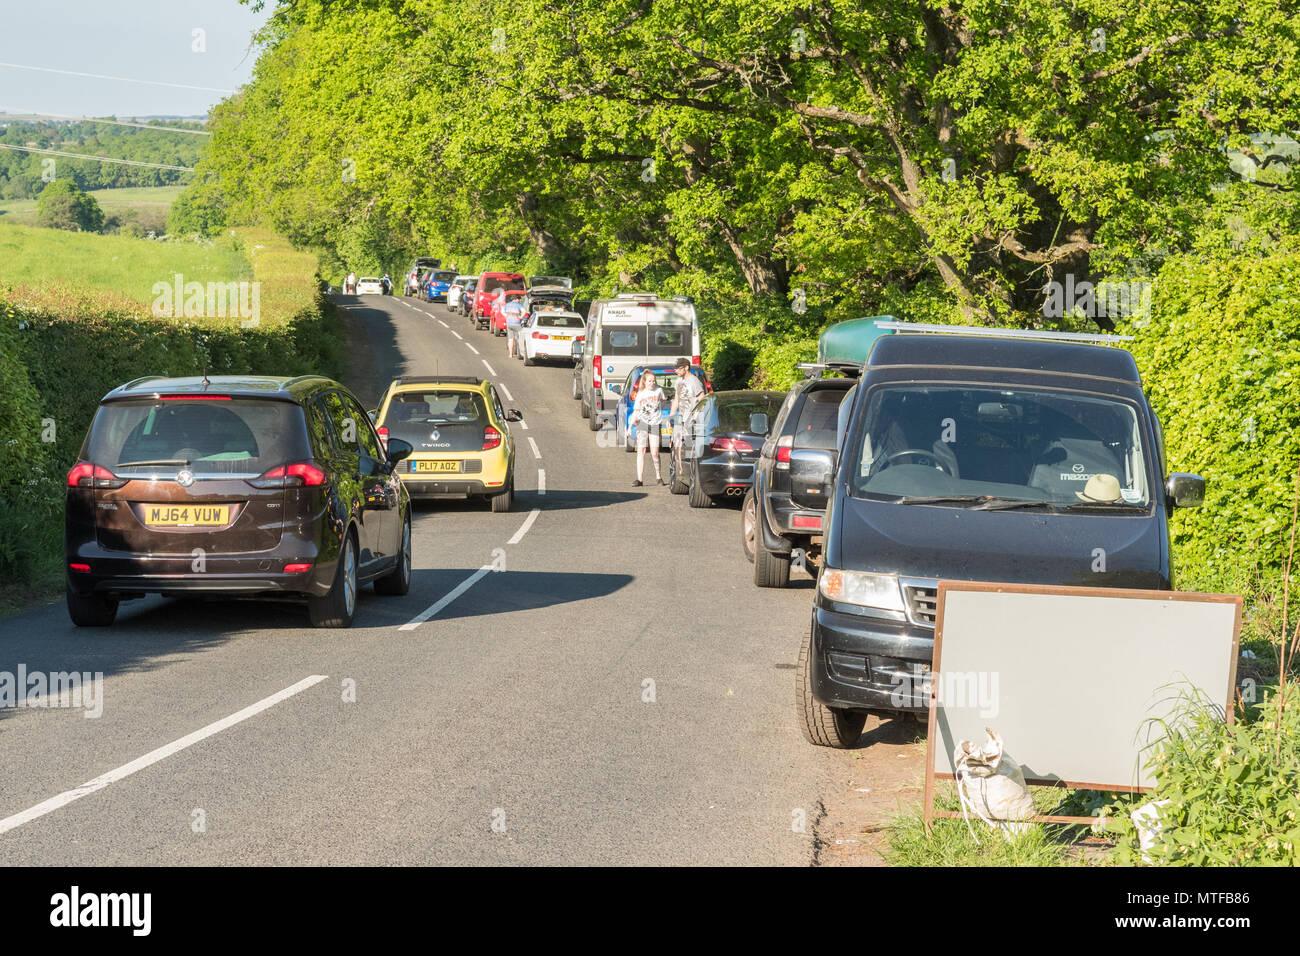 Les pressions touristiques et parking - problèmes de voitures stationnées le long de la route B834 en tant que personnes visitent les Devils Pulpit Finnich, Glen Killearn, Ecosse, Royaume-Uni Photo Stock